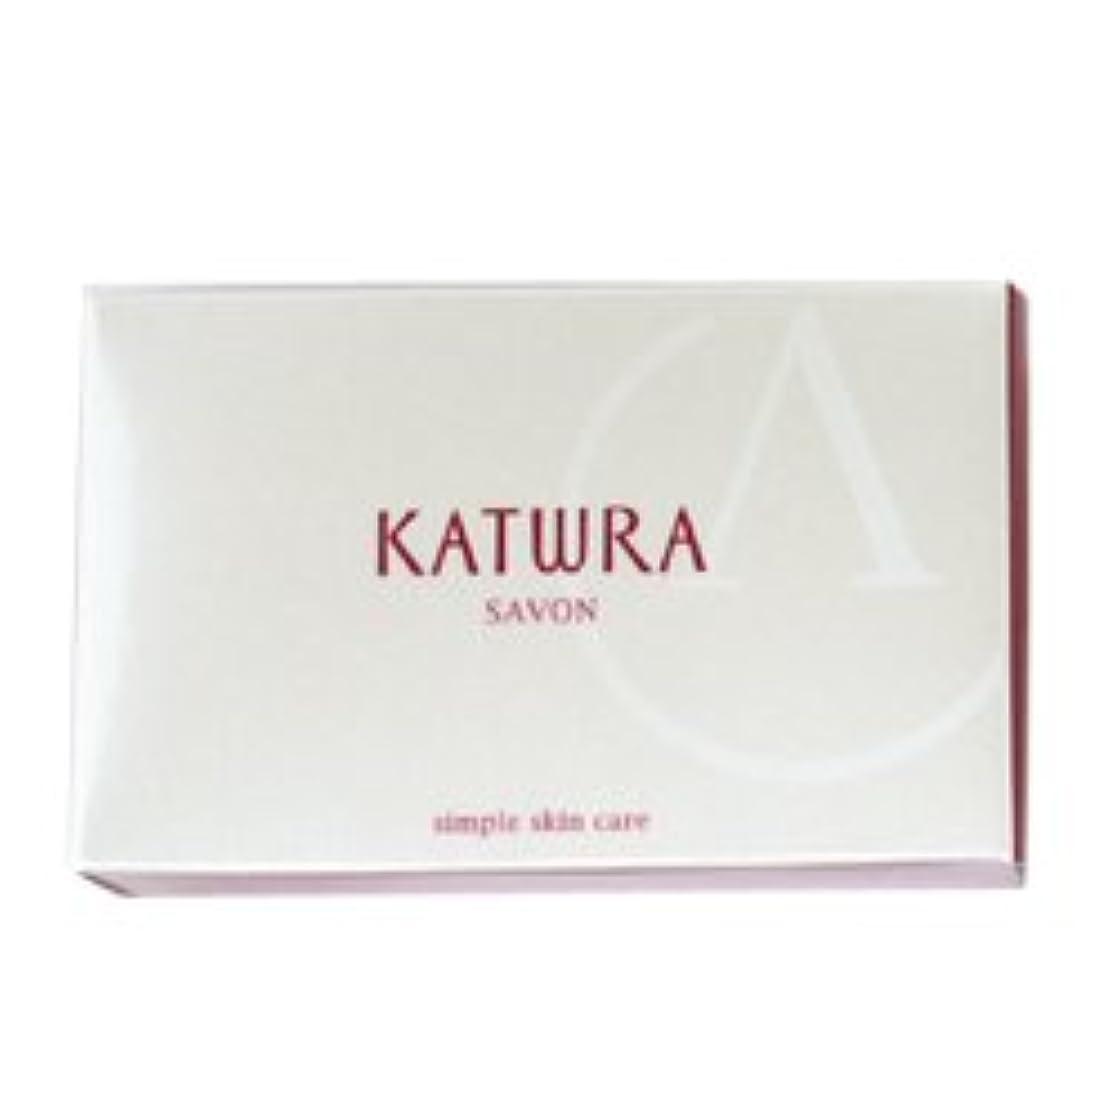 ぬれた割合じゃがいもカツウラ KATWRA サボンA グリーンフローラルの香り 100g